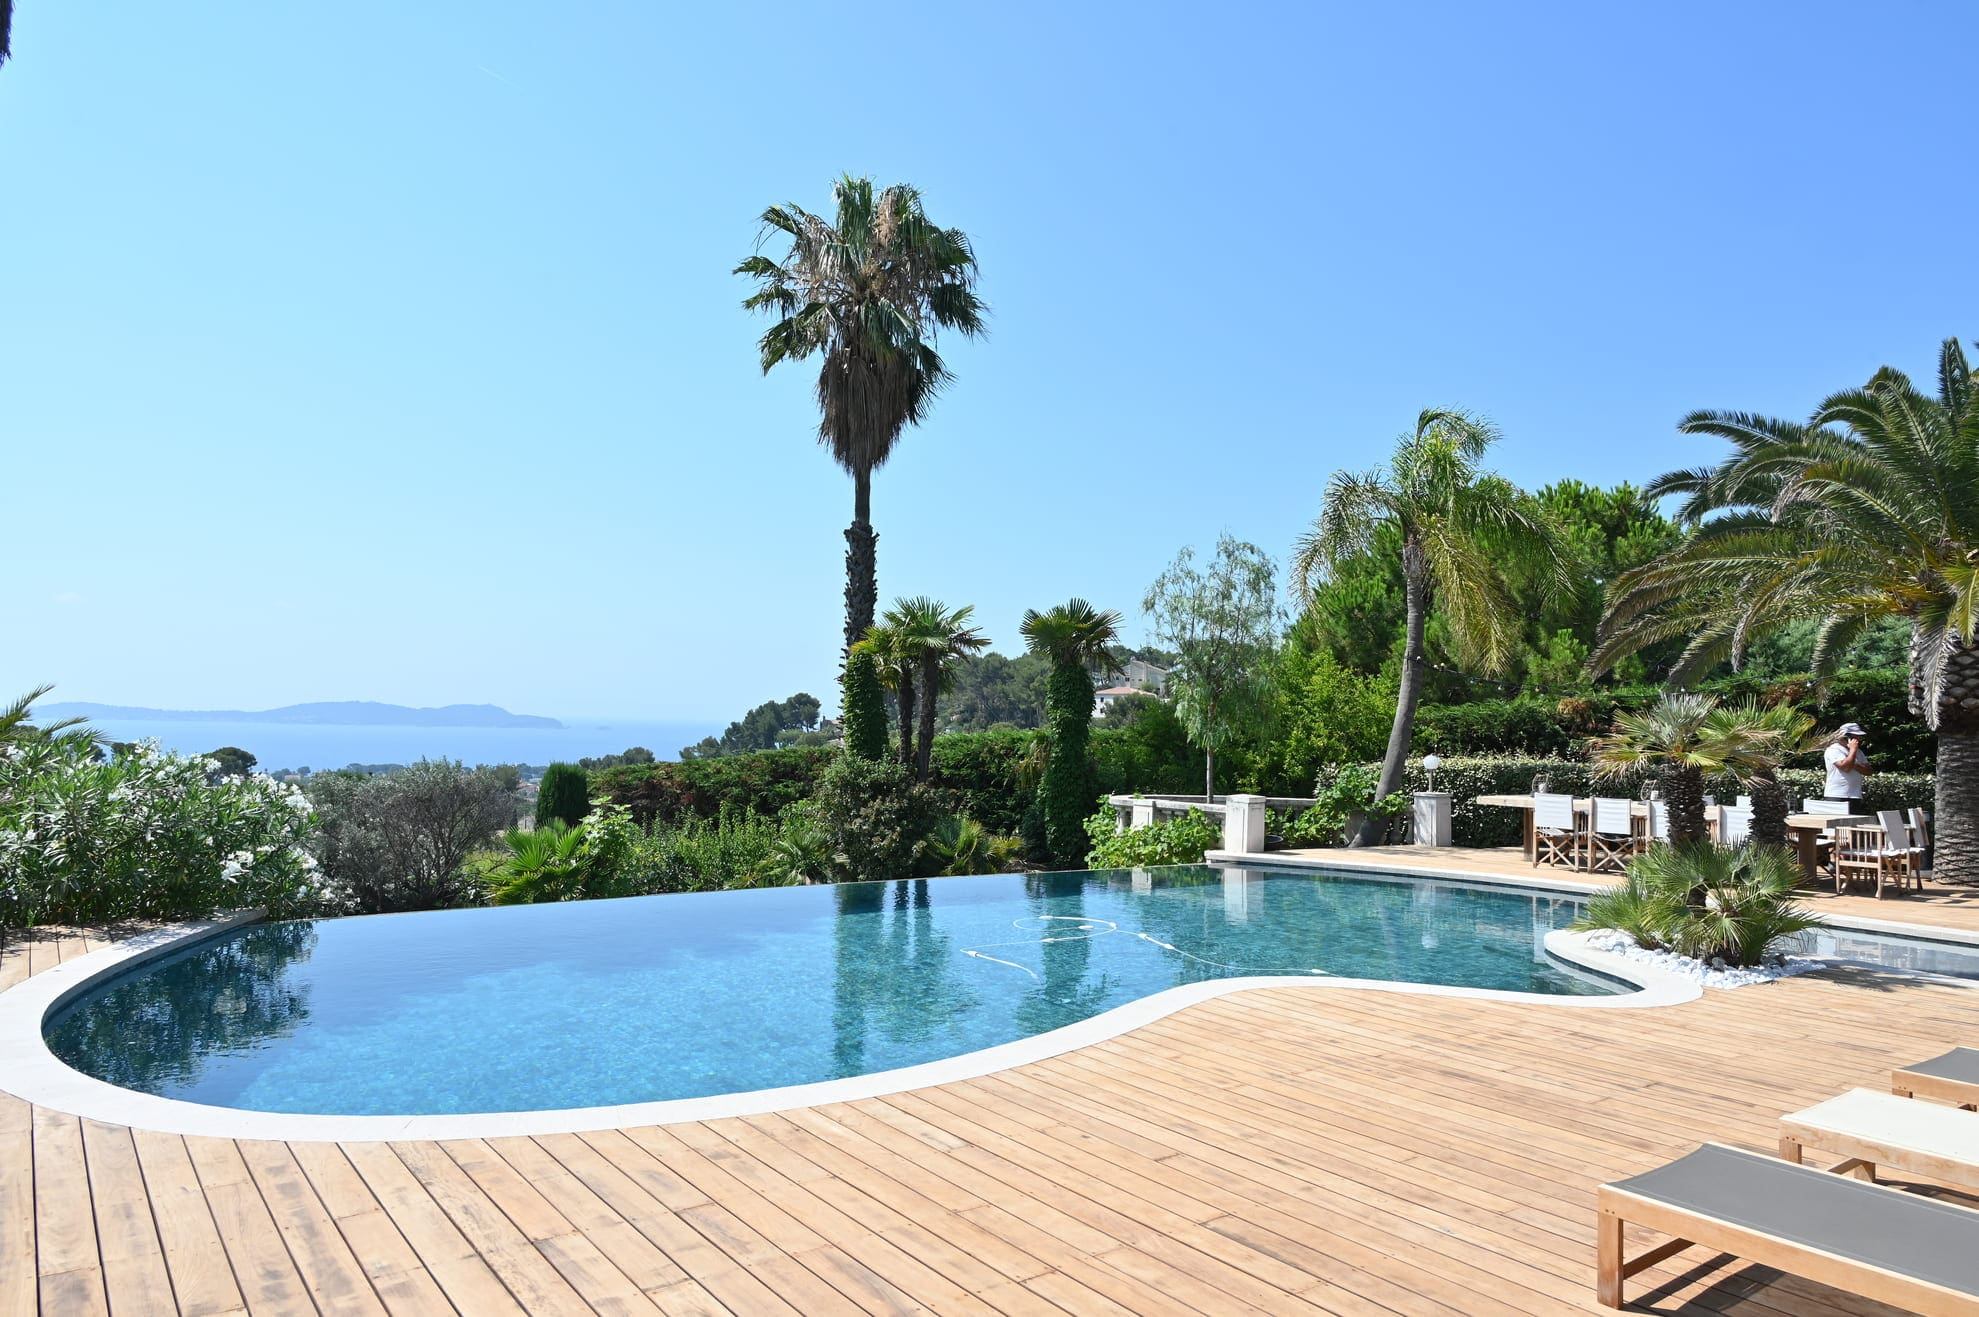 Une piscine à débordement avec une terrasse en bois